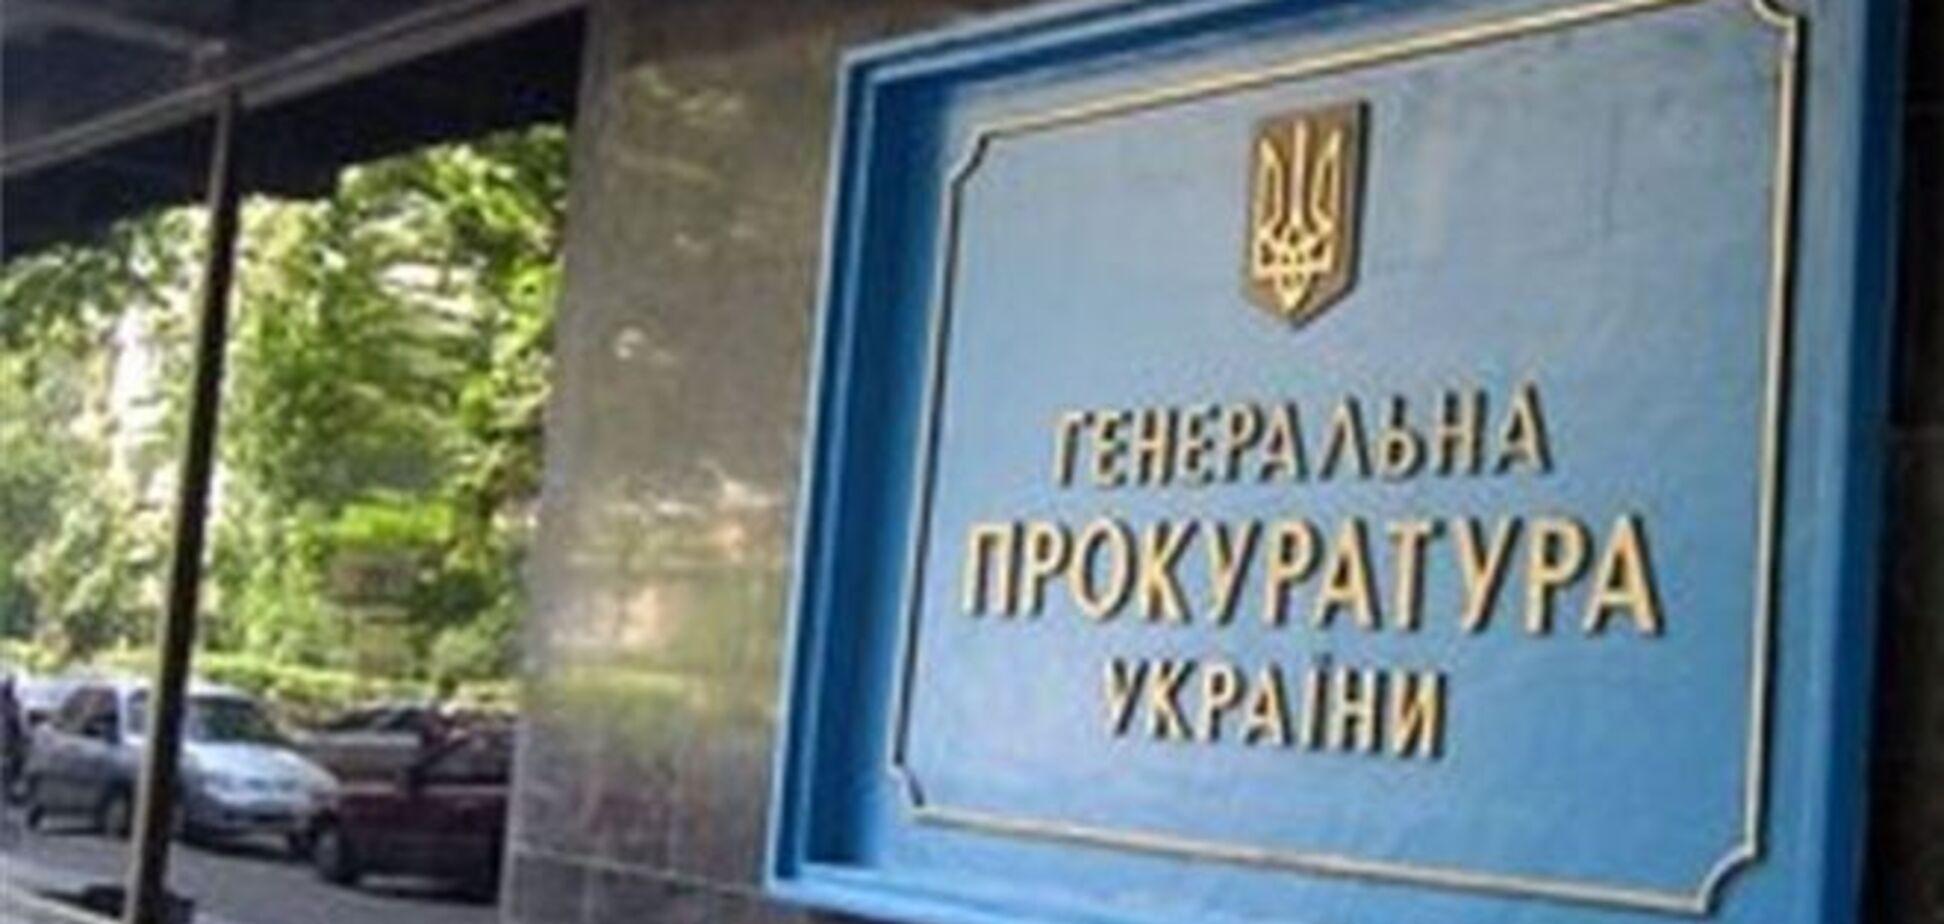 У Черкасах банк хотів відібрати 40 квартир, виділених 'чорнобильцям'